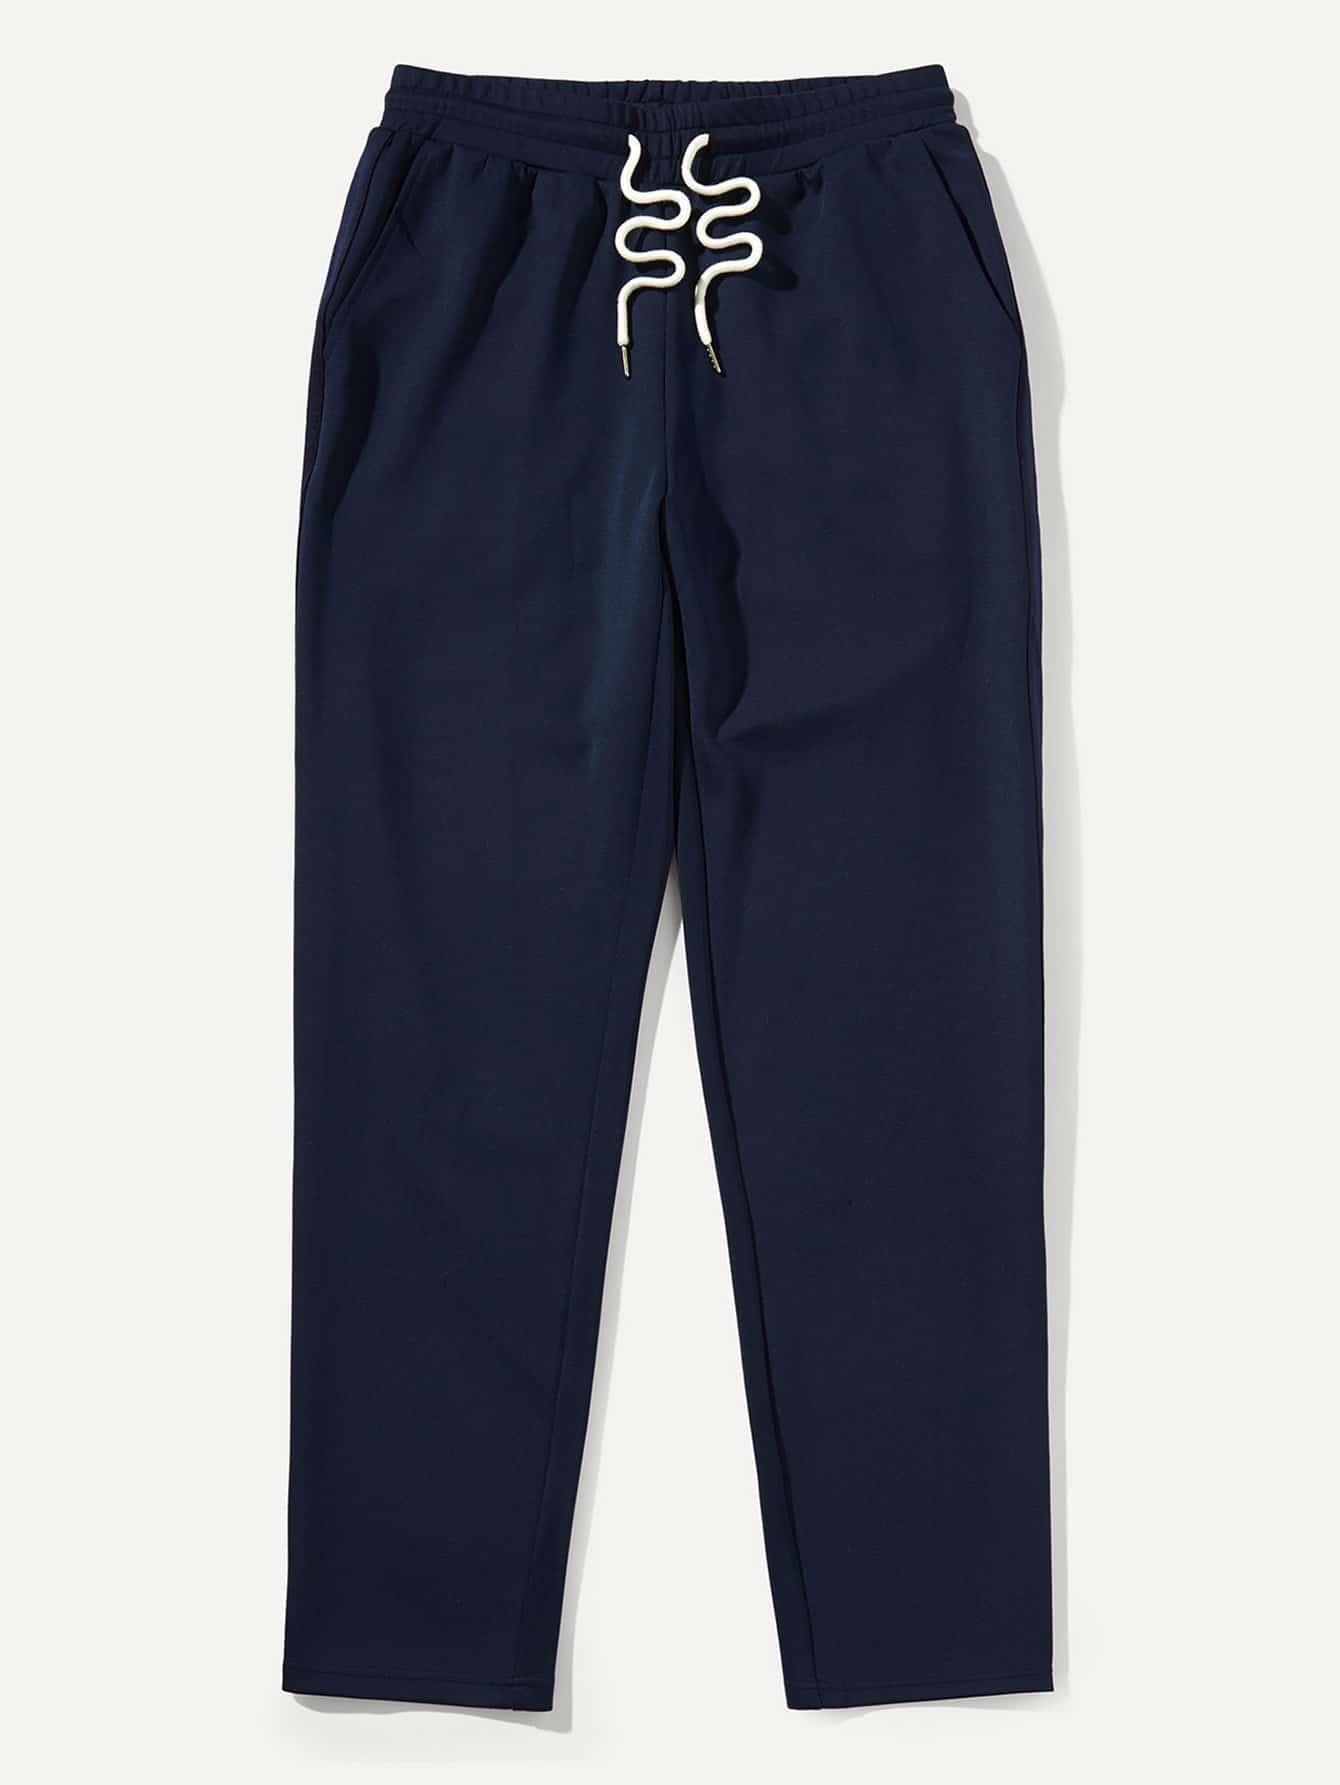 Купить Спортивные брюки с басоном эластичным для мужчины, null, SheIn